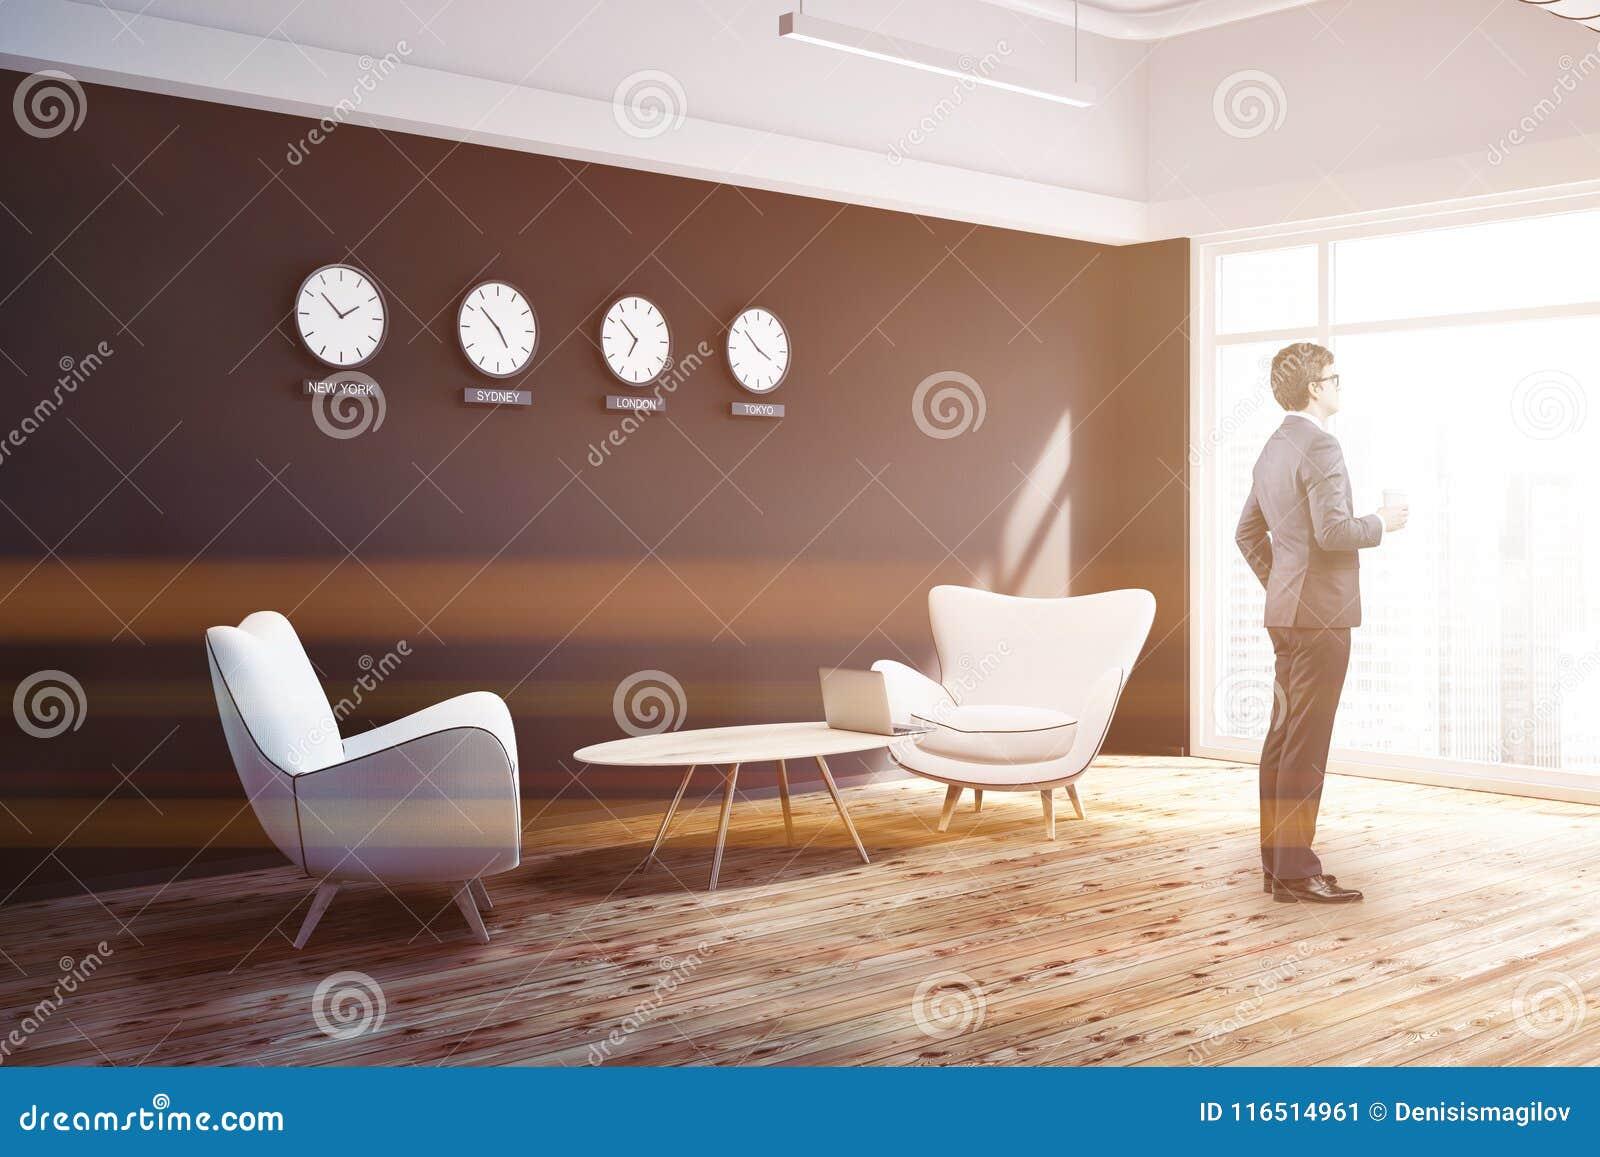 Lobby noir de bureau de mur avec des horloges vue de côté homme